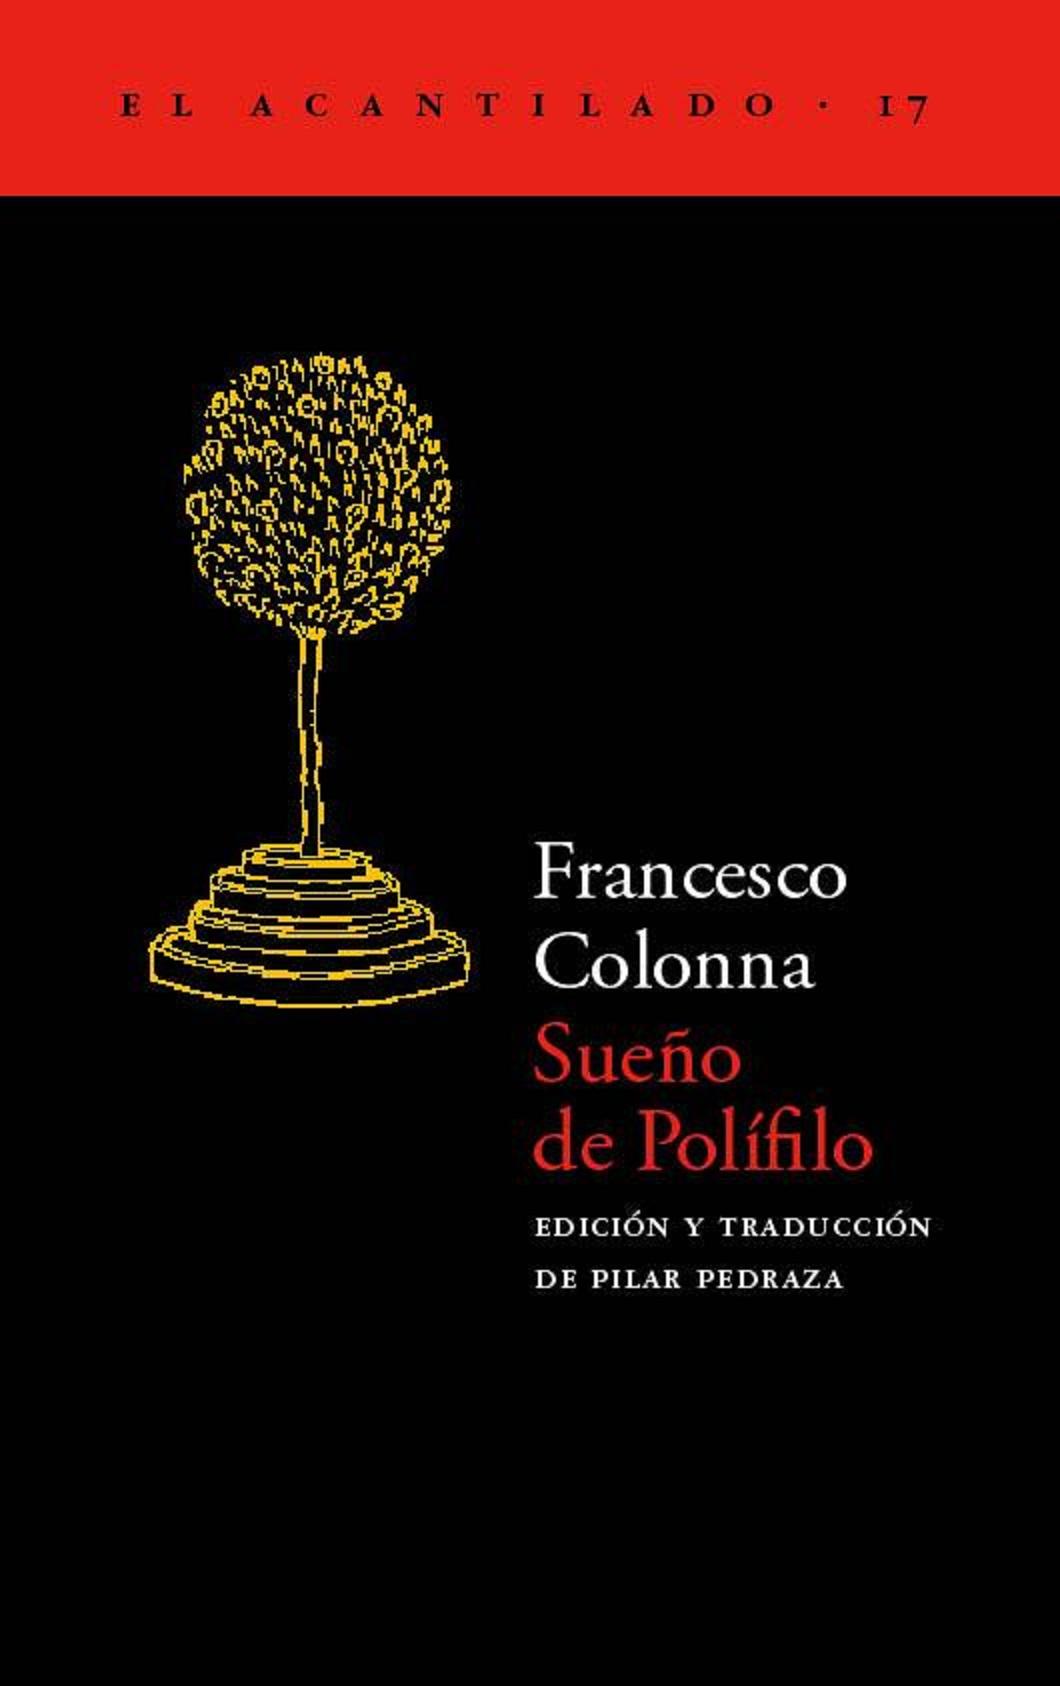 Sueño de Polífilo   Escritores del mundo Wikia   FANDOM powered by Wikia